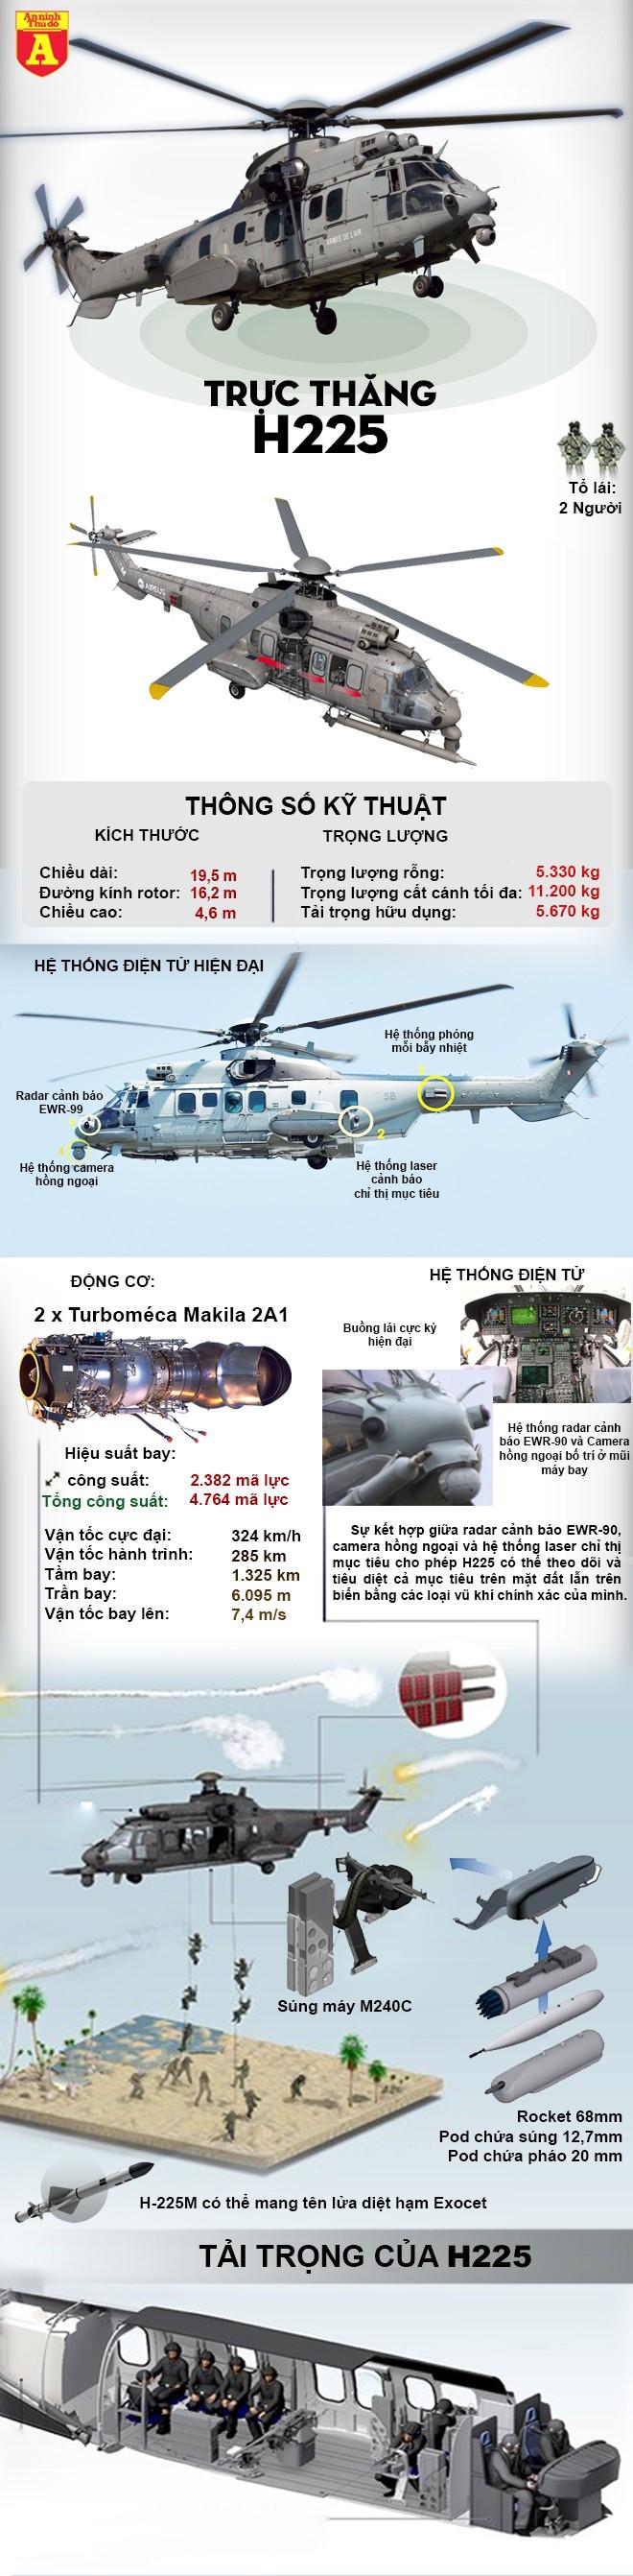 [Info] Ukraine bất ngờ nhận trực thăng cực mạnh của phương Tây trong bối cảnh căng thẳng với Nga ảnh 2